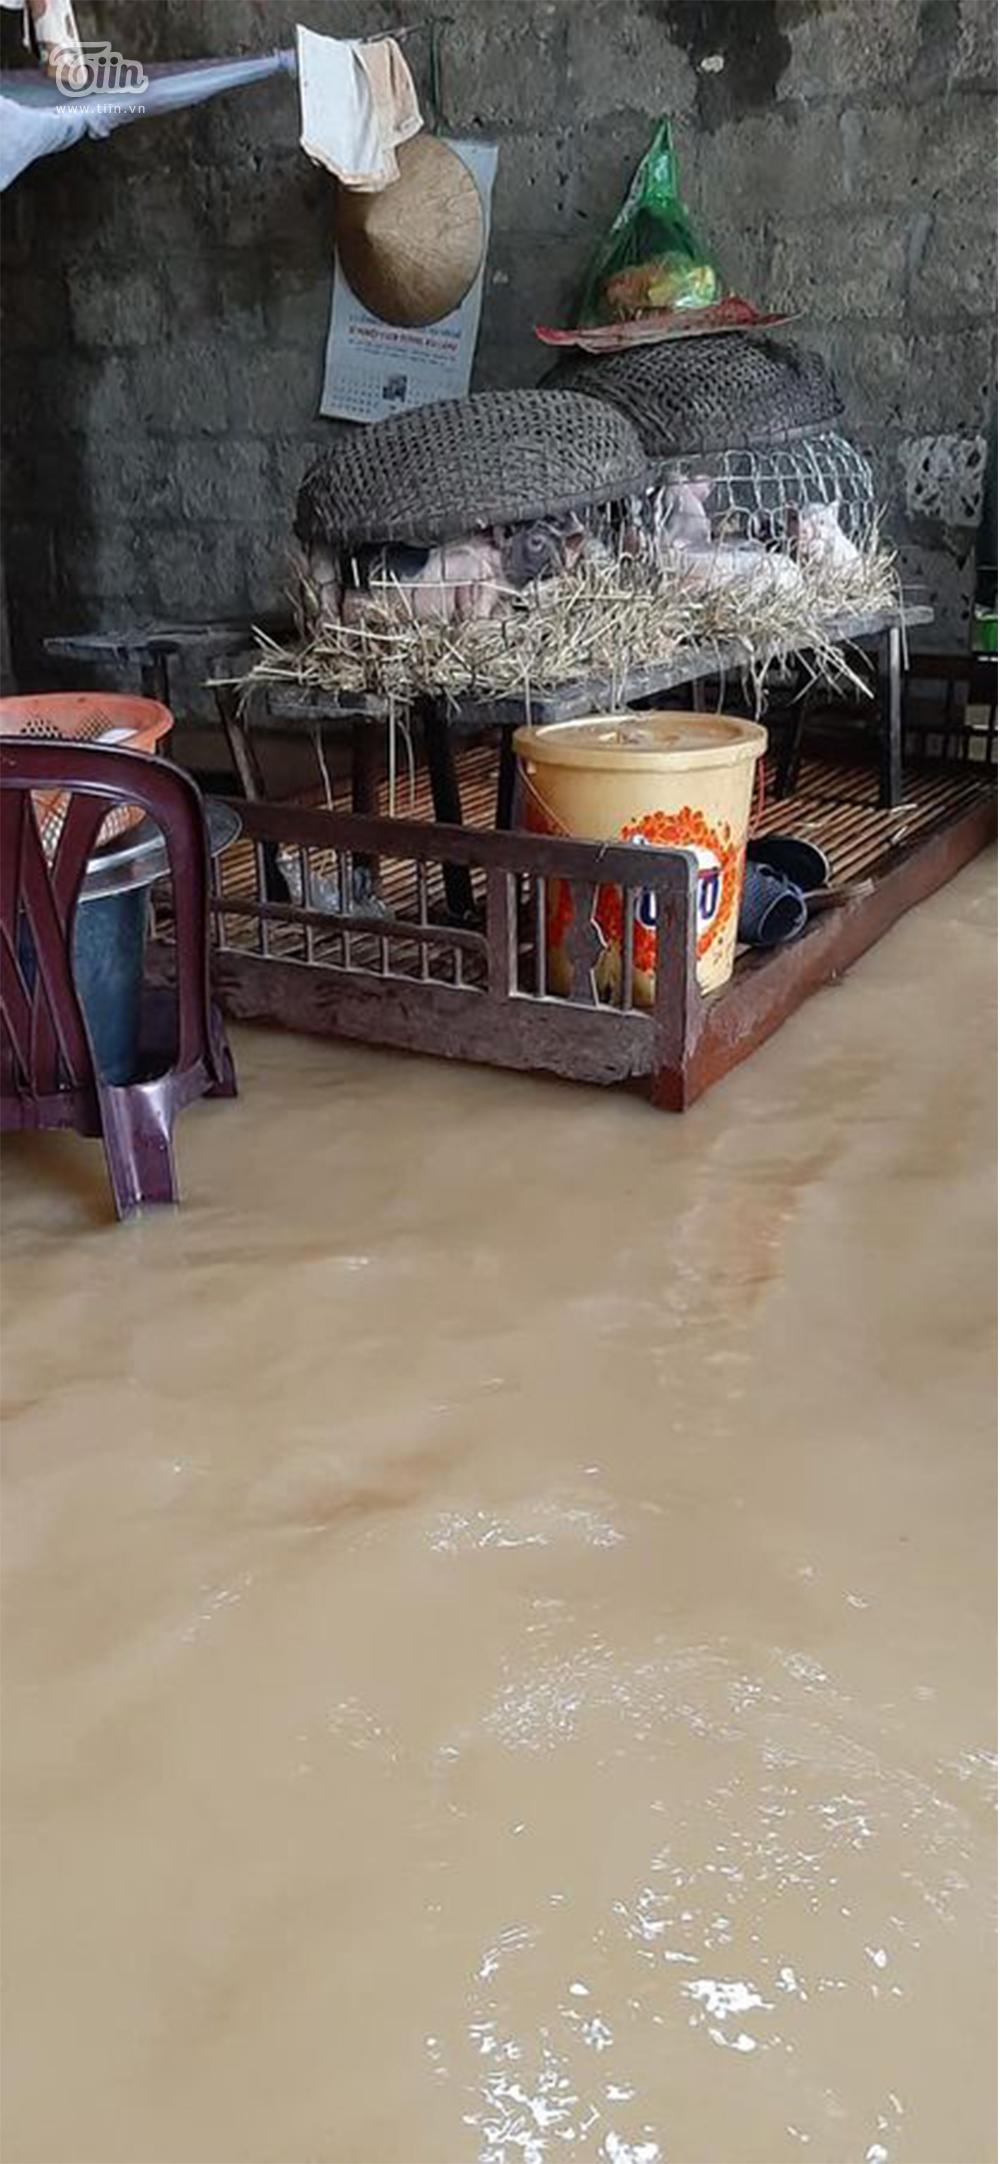 Mưa lũ miền Trung gây ngập nặng: Mong trời đừng mưa nữa, nhà mệ ngập hết rồi-6